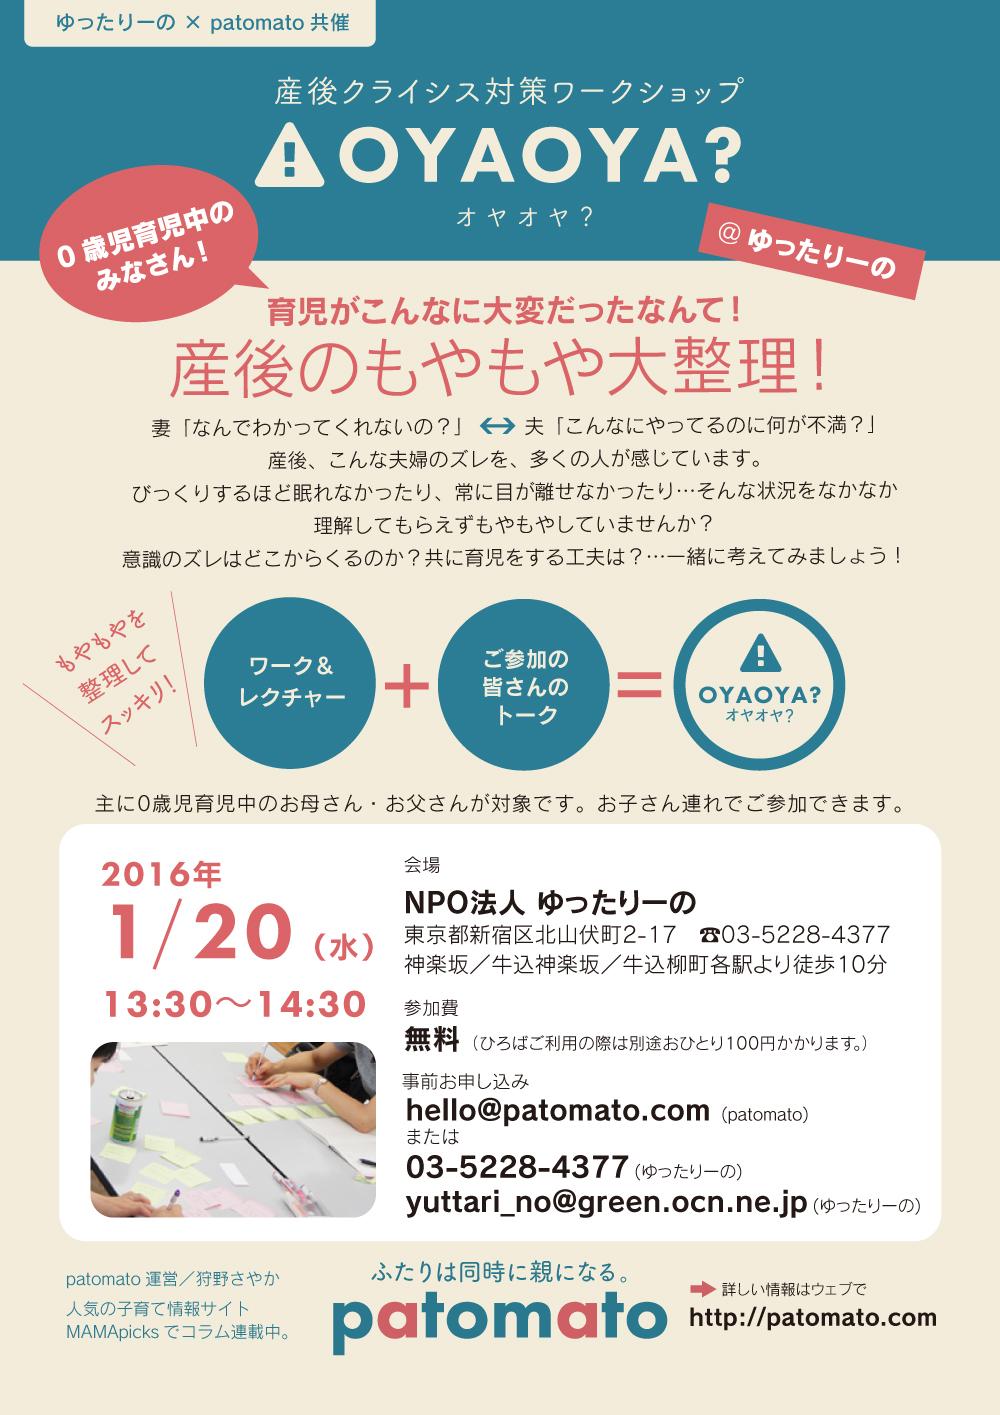 2016/1/20-「ゆったりーの」コラボ企画OYAOYA?開催のご案内